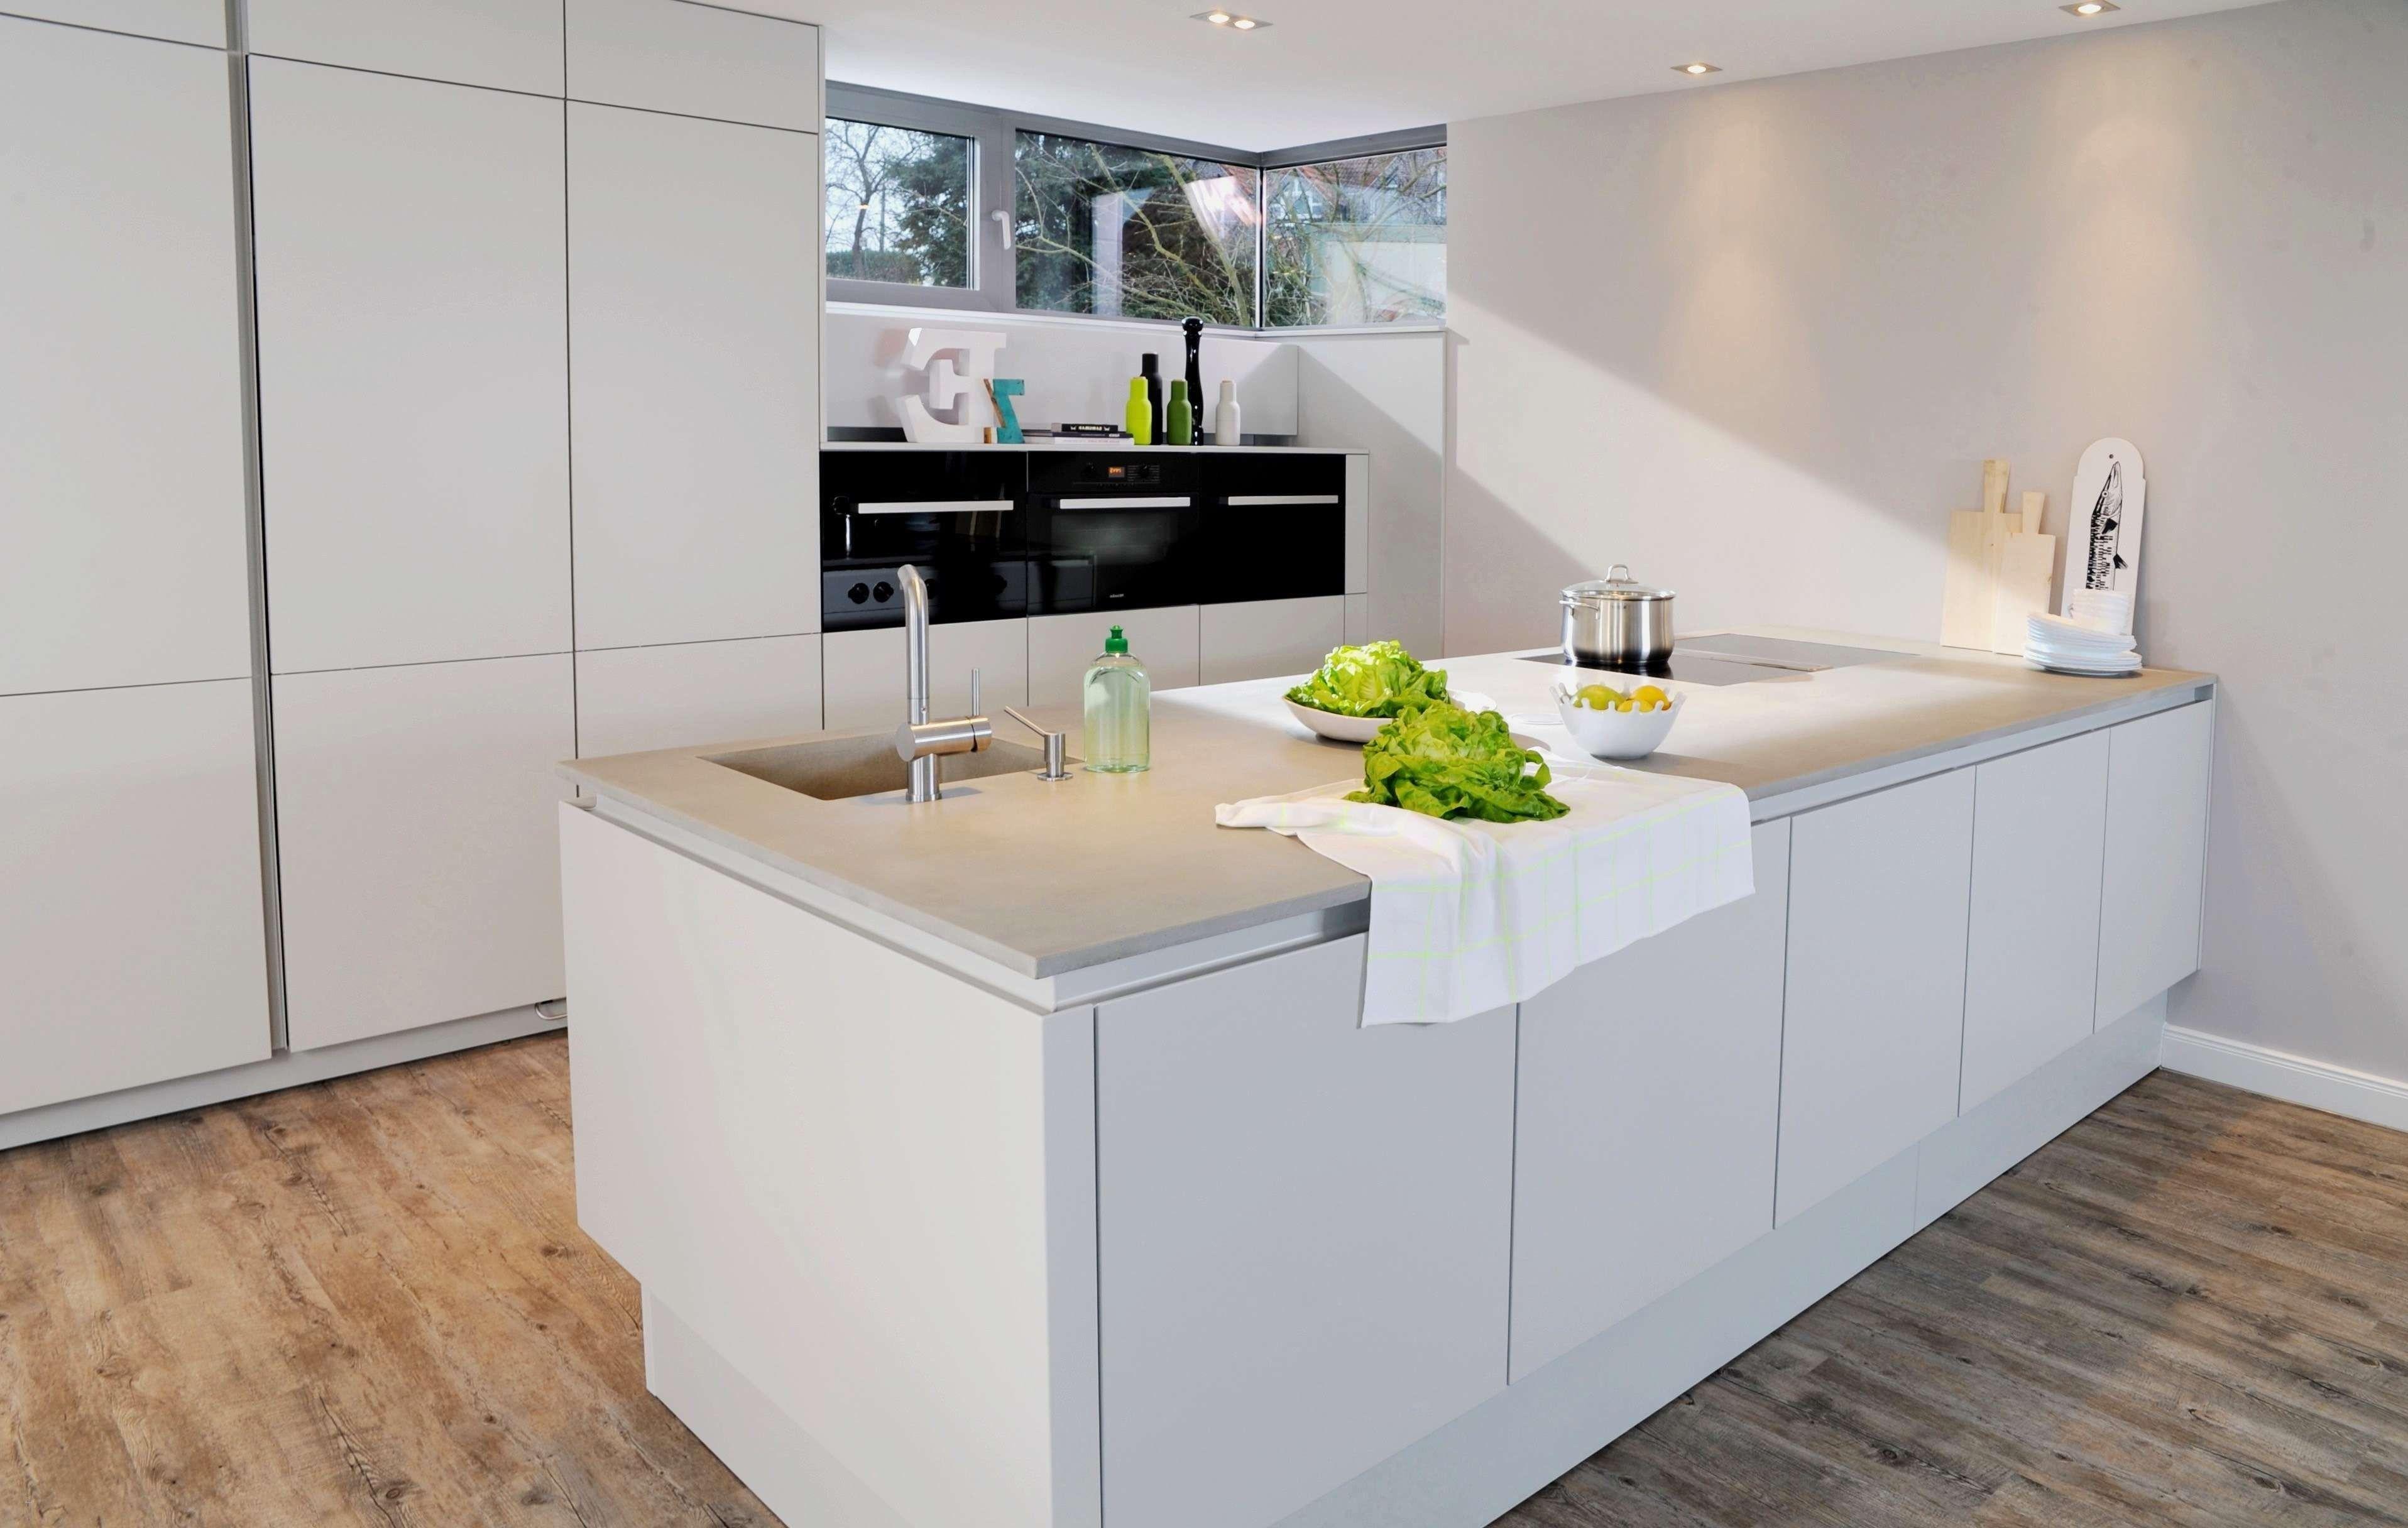 26 Einzigartig Küchen Unterschrank 90 Cm Kitchen